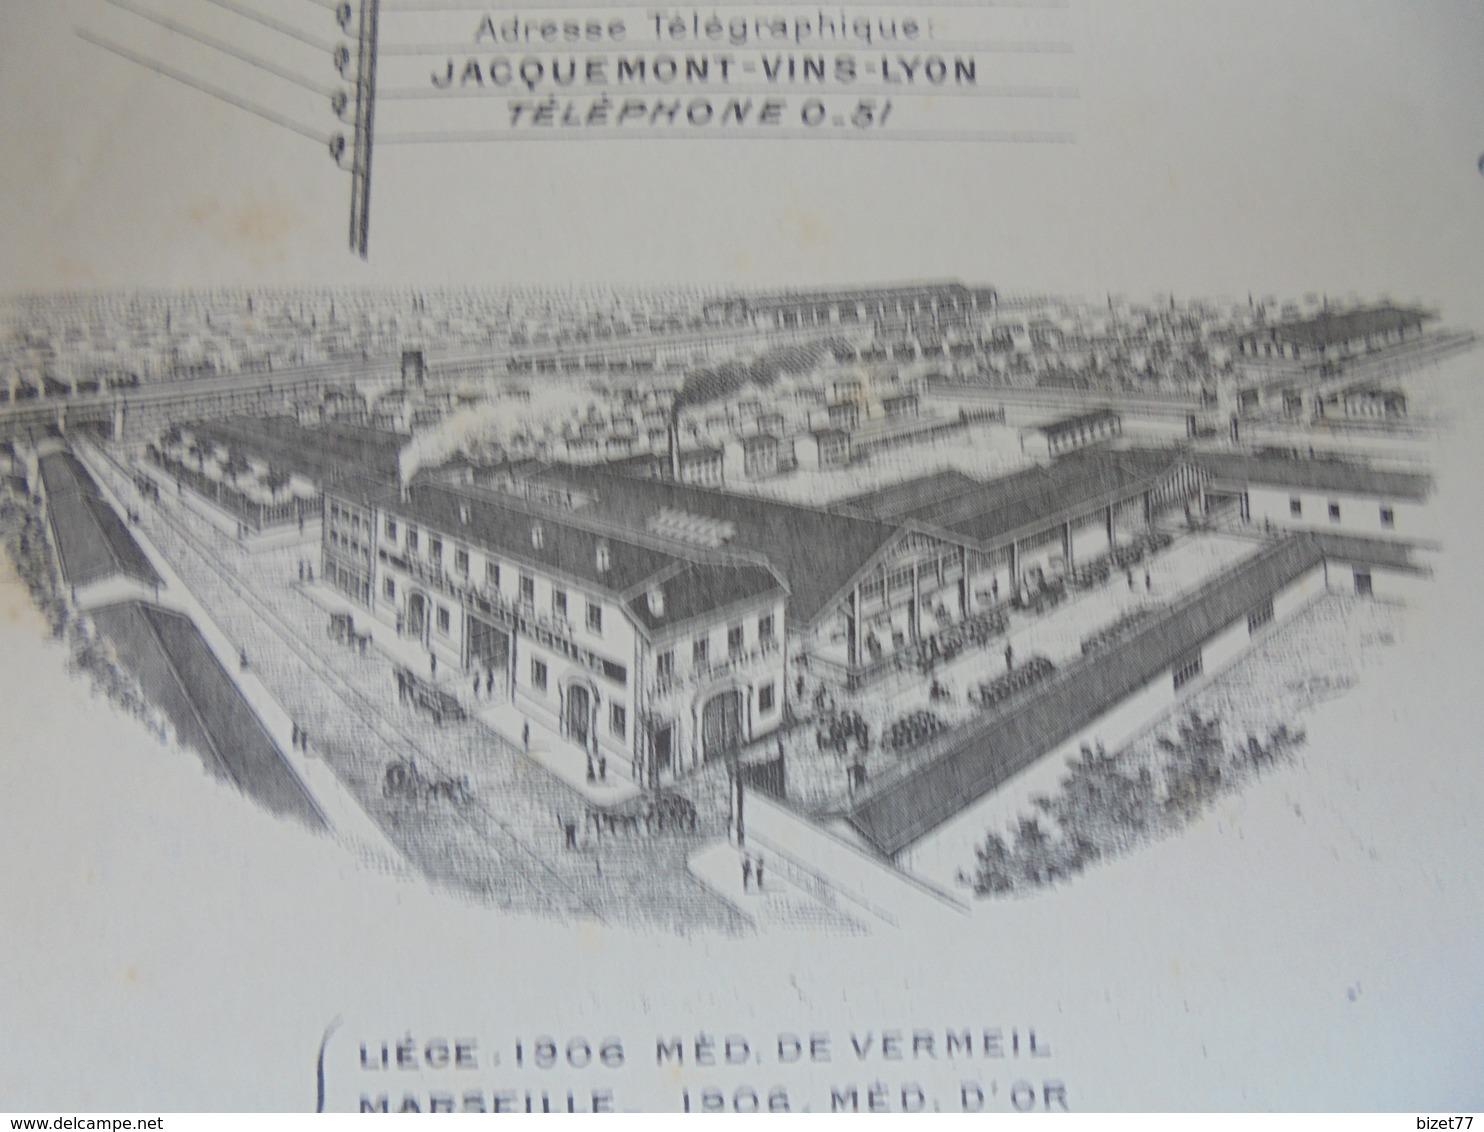 RHONE, LYON PERRACHE, 1909 - VINS, IMMORTEL QUINQUINA : MICHEL JACQUEMONT, 21 RUE D'ALGER - DECO - France